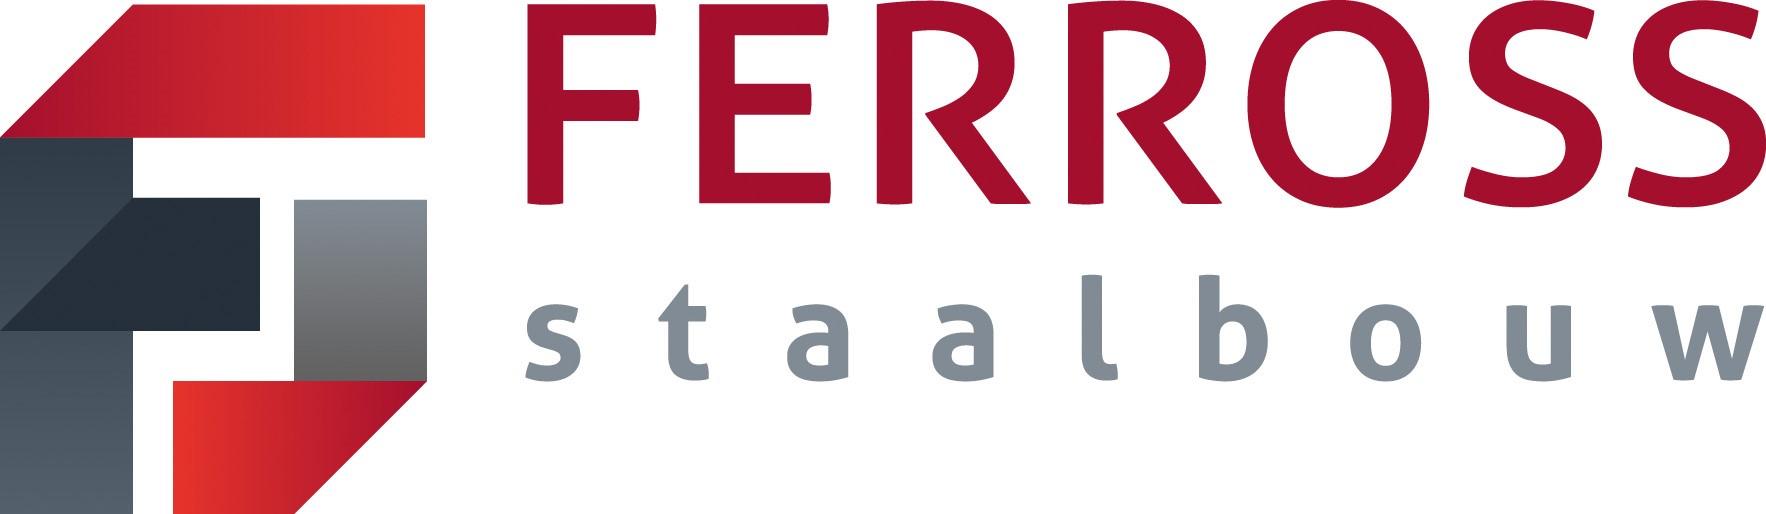 Ferross